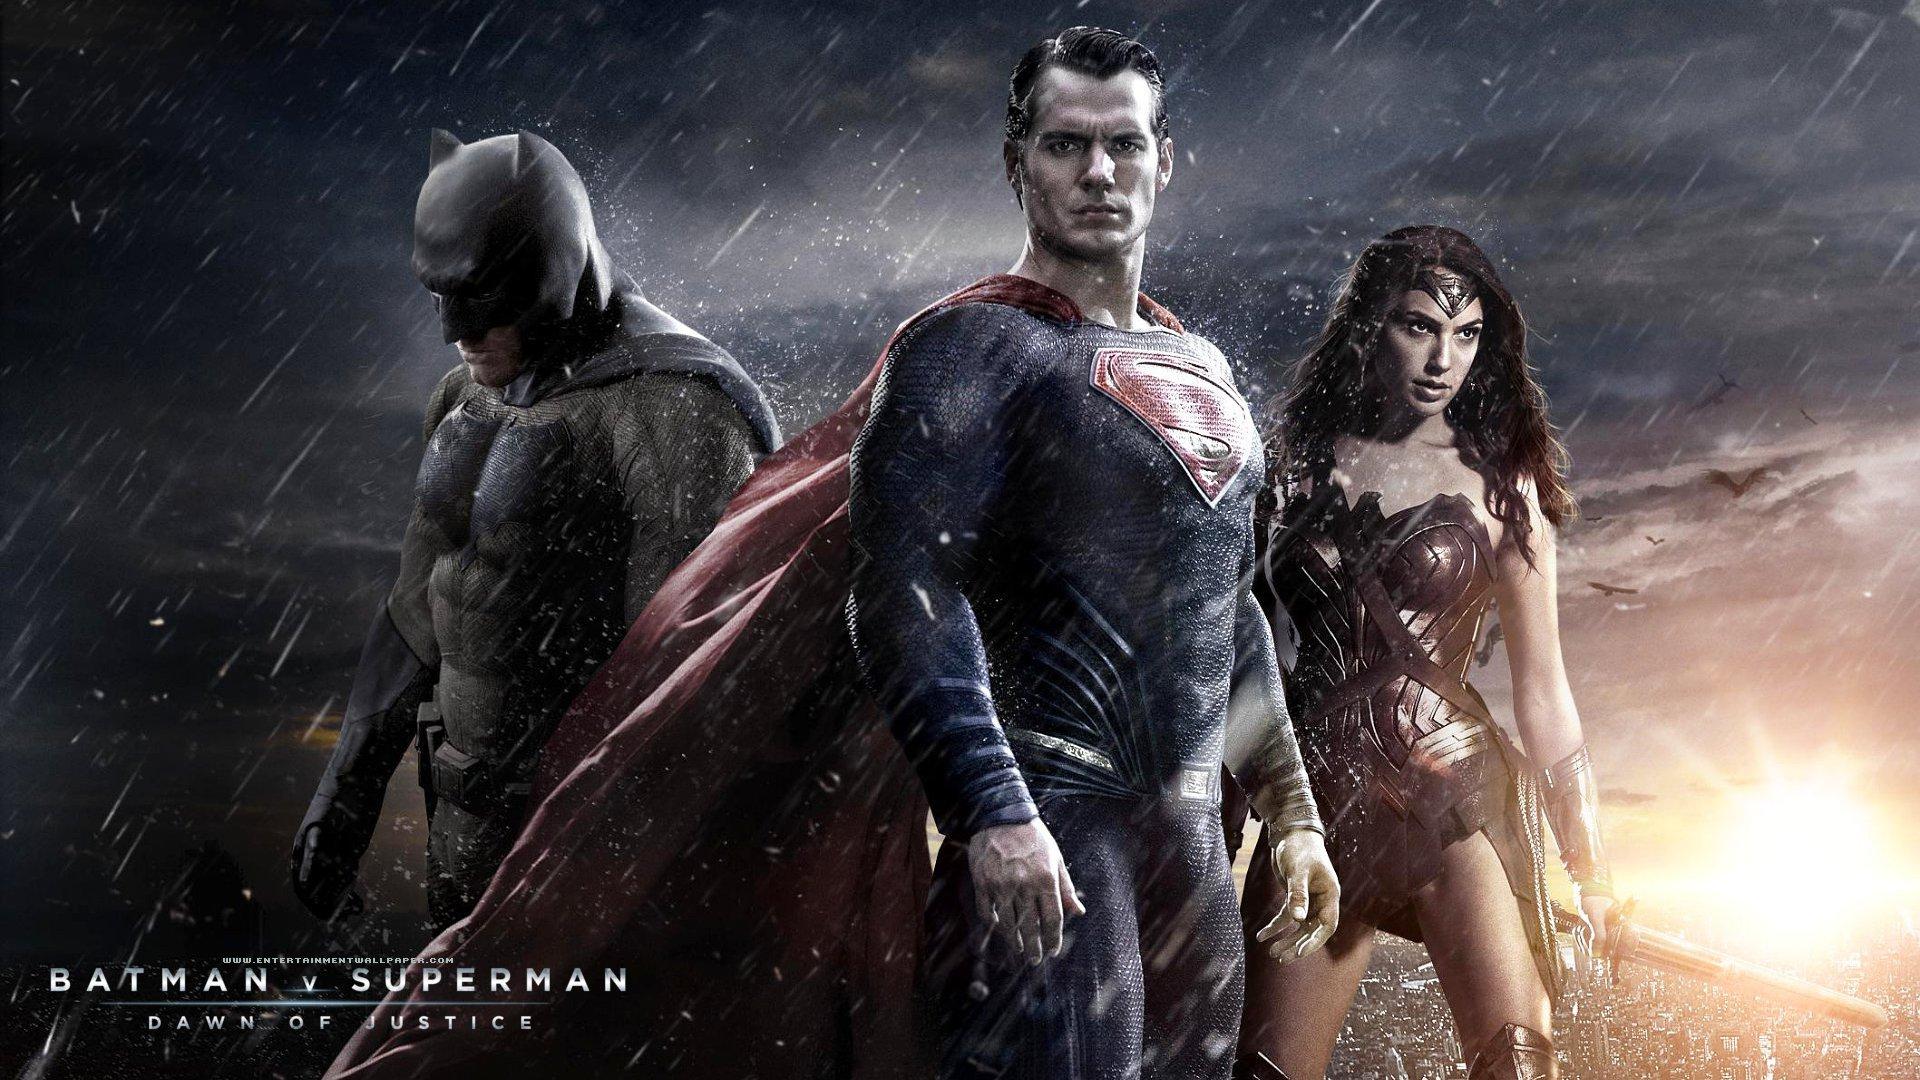 Free Download Batman V Superman Dawn Of Justice Wallpaper 10044772